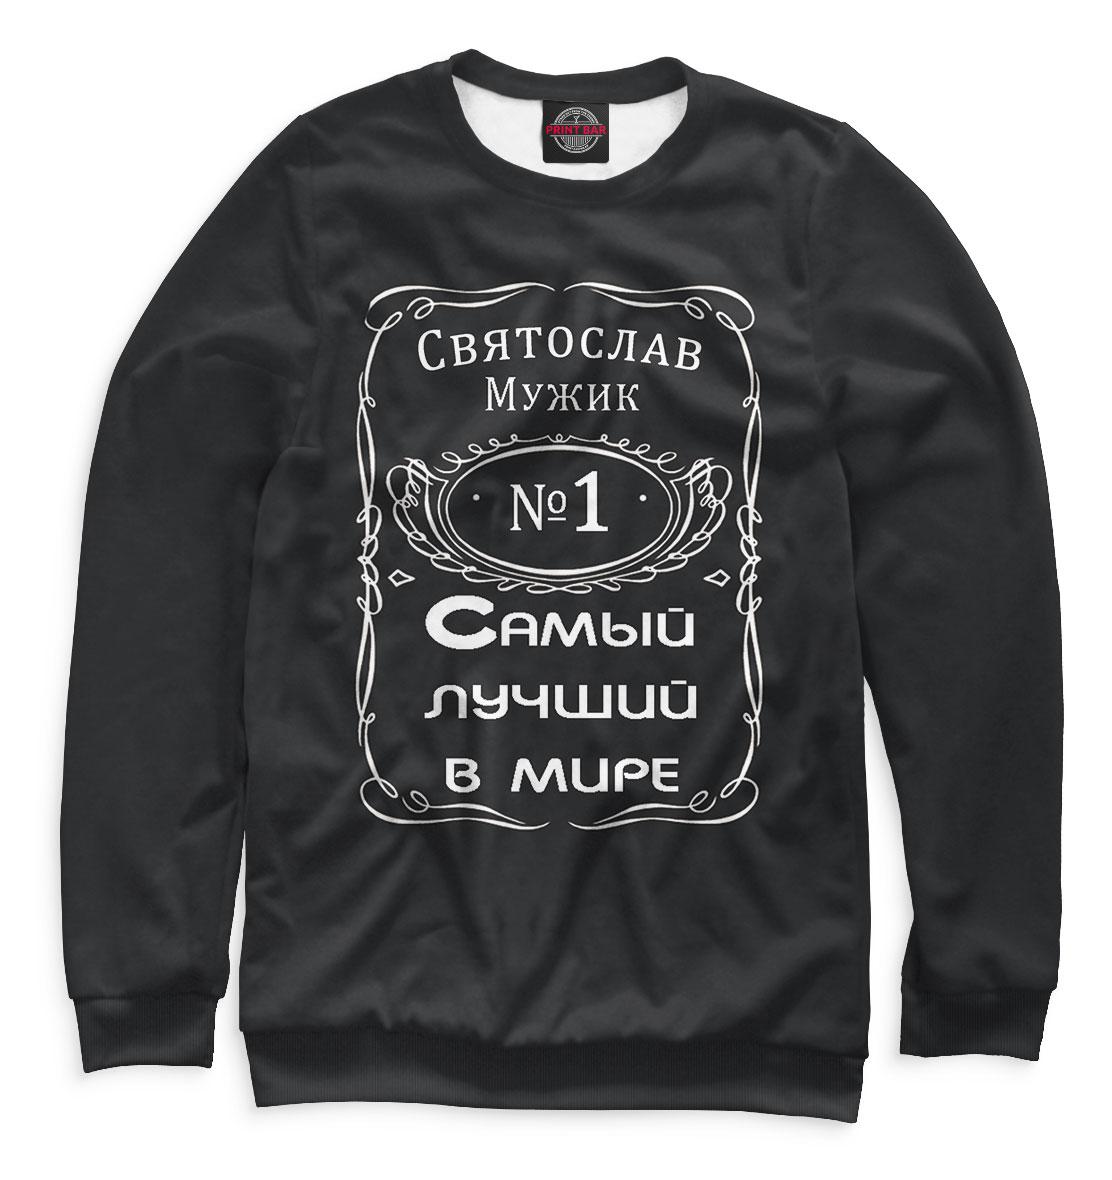 Купить Святослав — самый лучший в мире, Printbar, Свитшоты, IMR-848028-swi